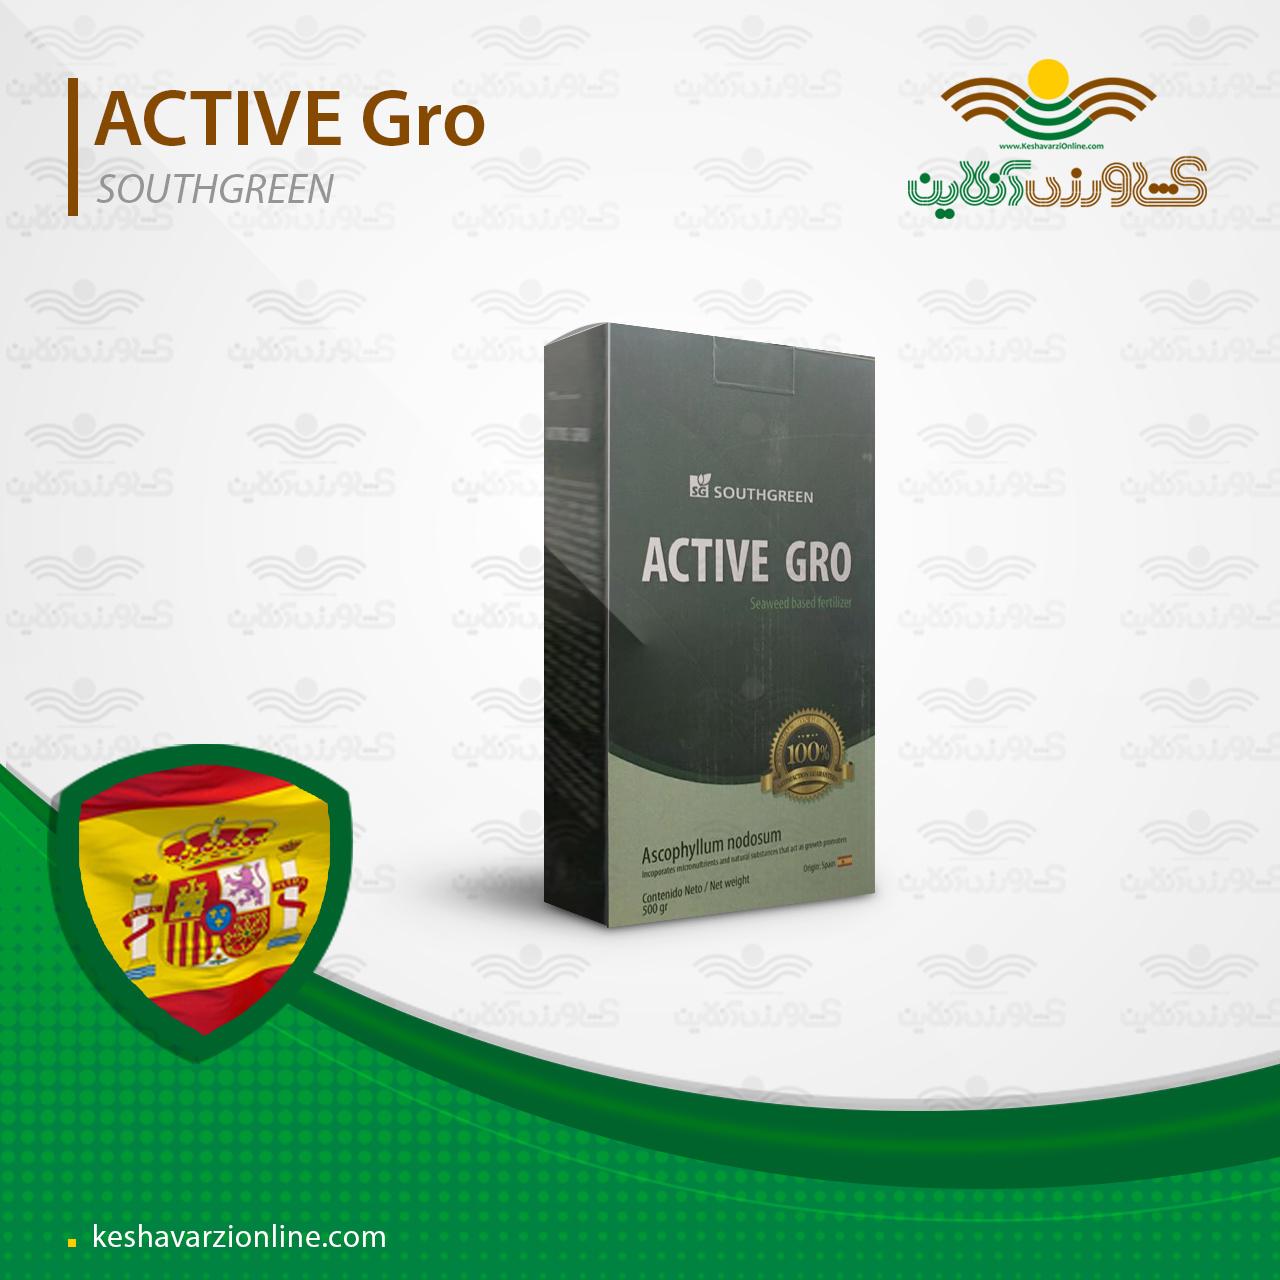 کود اکتیو گرو اسپانیایی سوت گرین